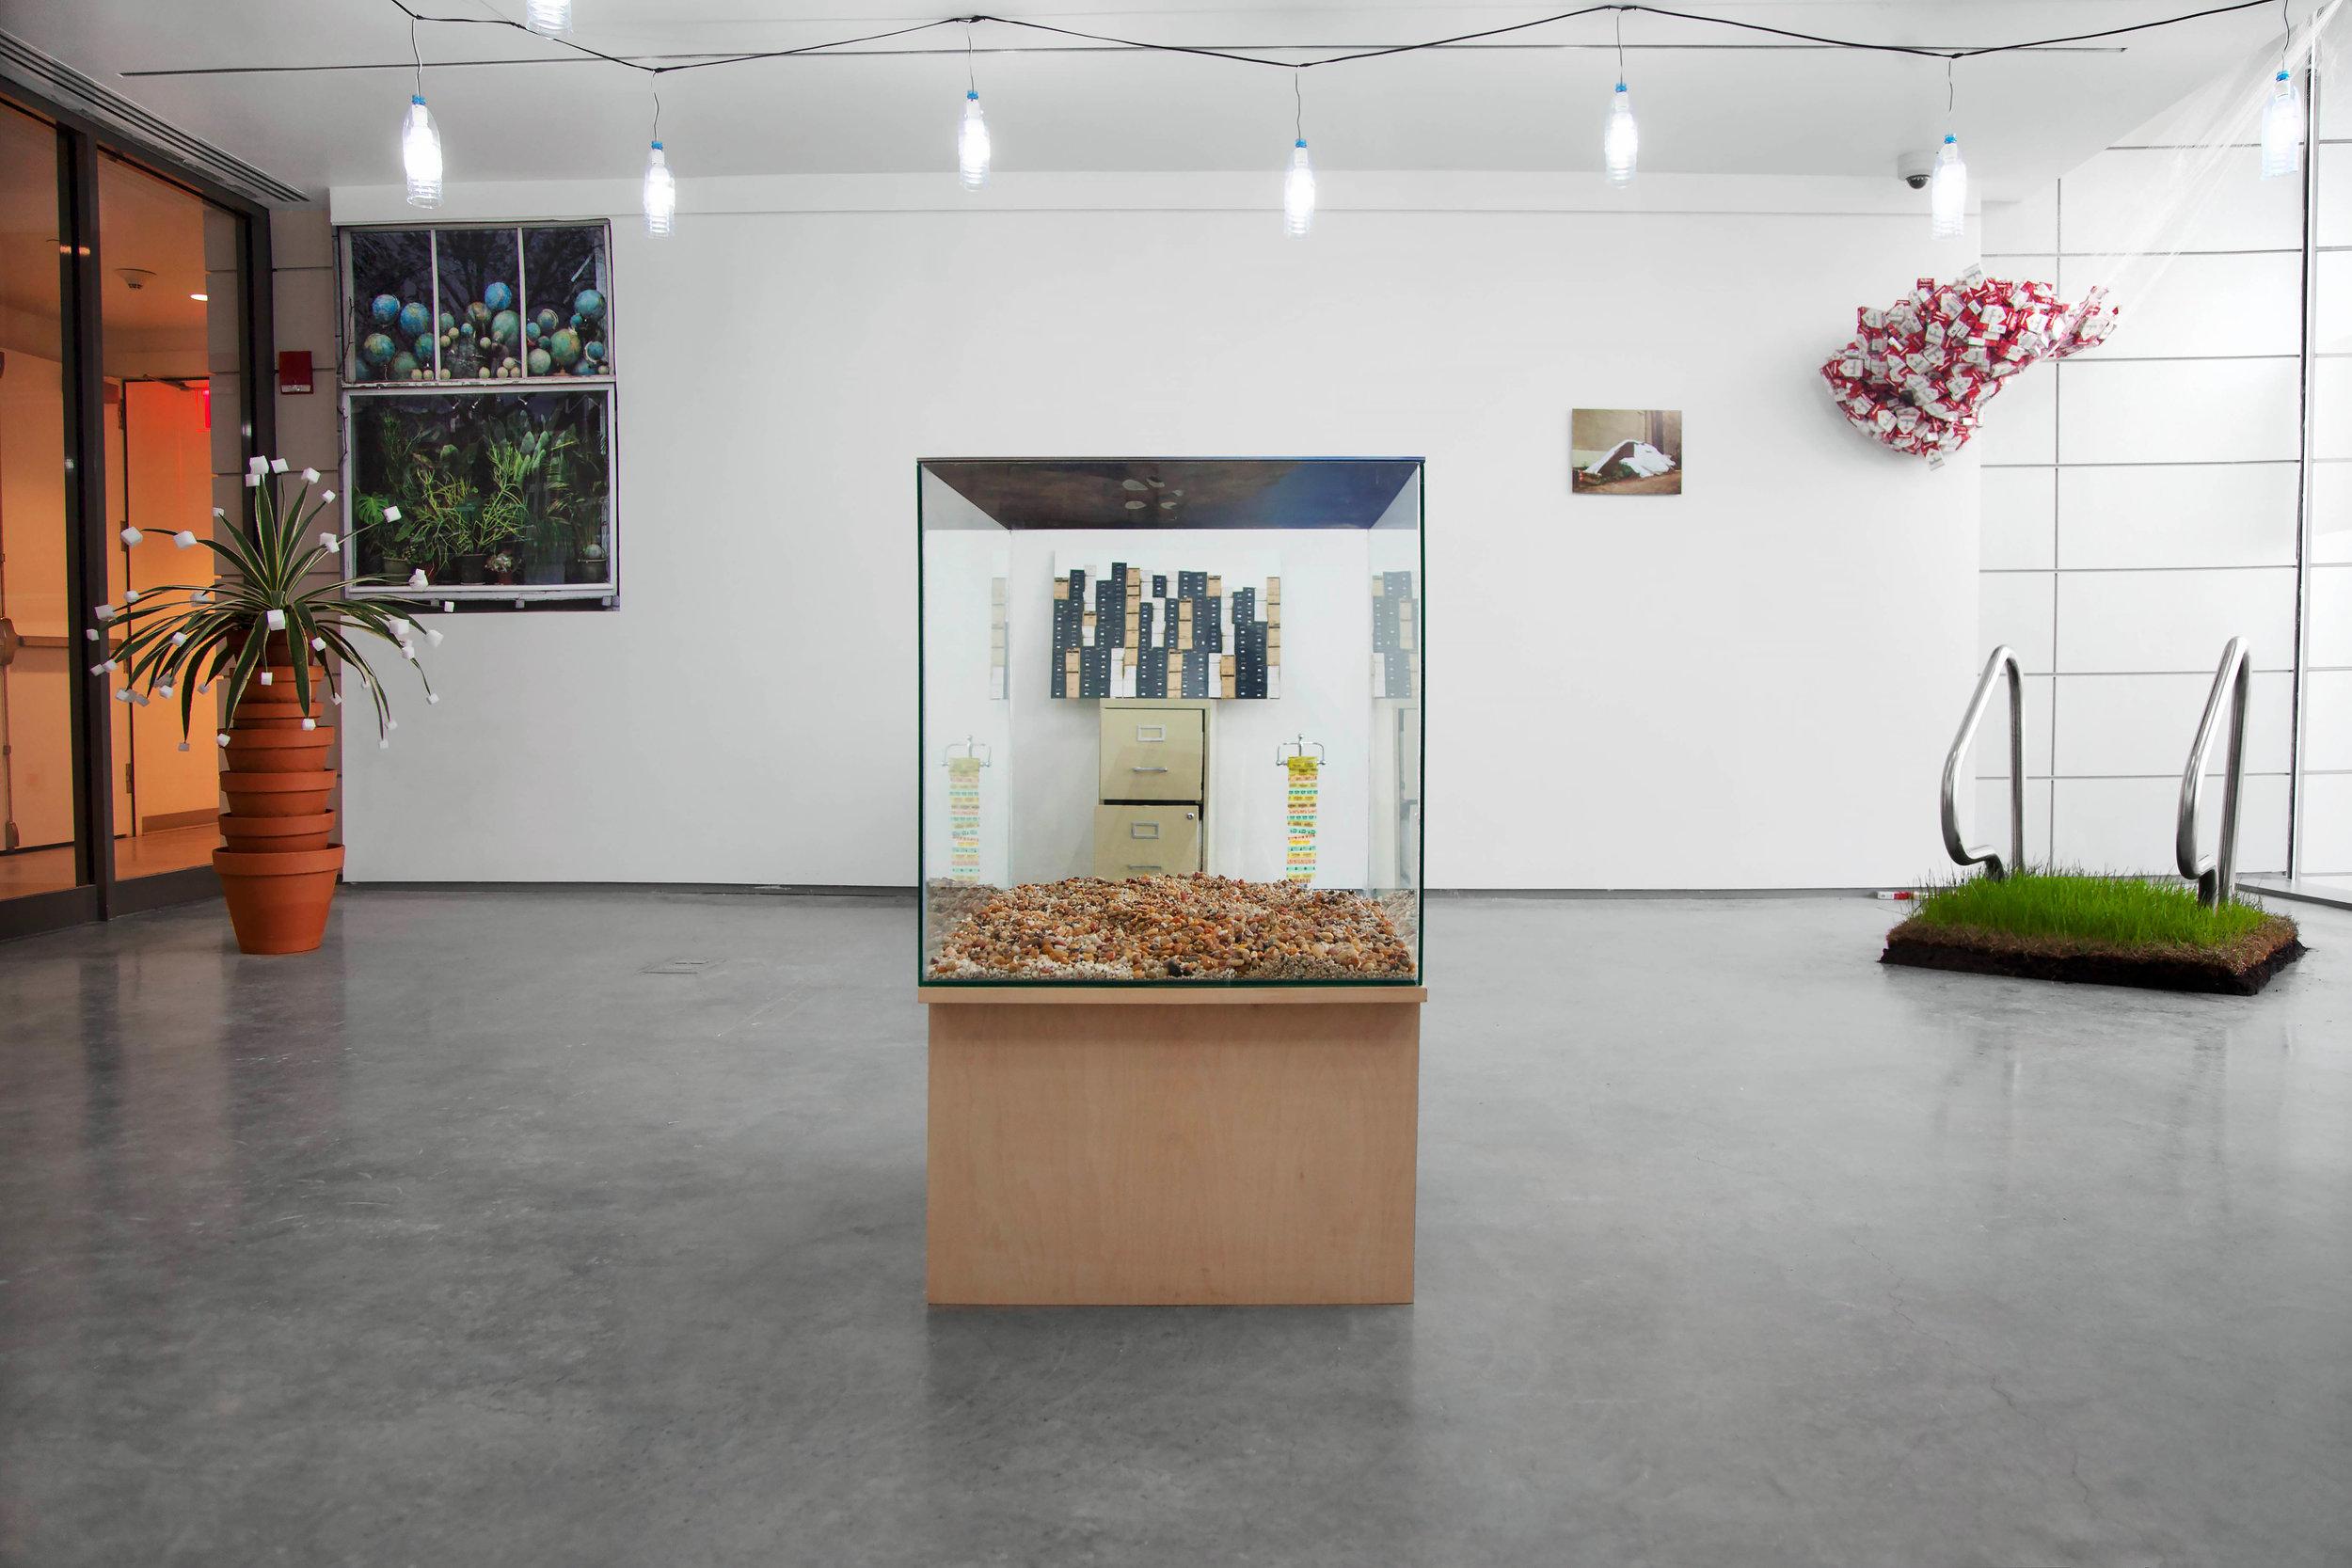 Installation view, 2014